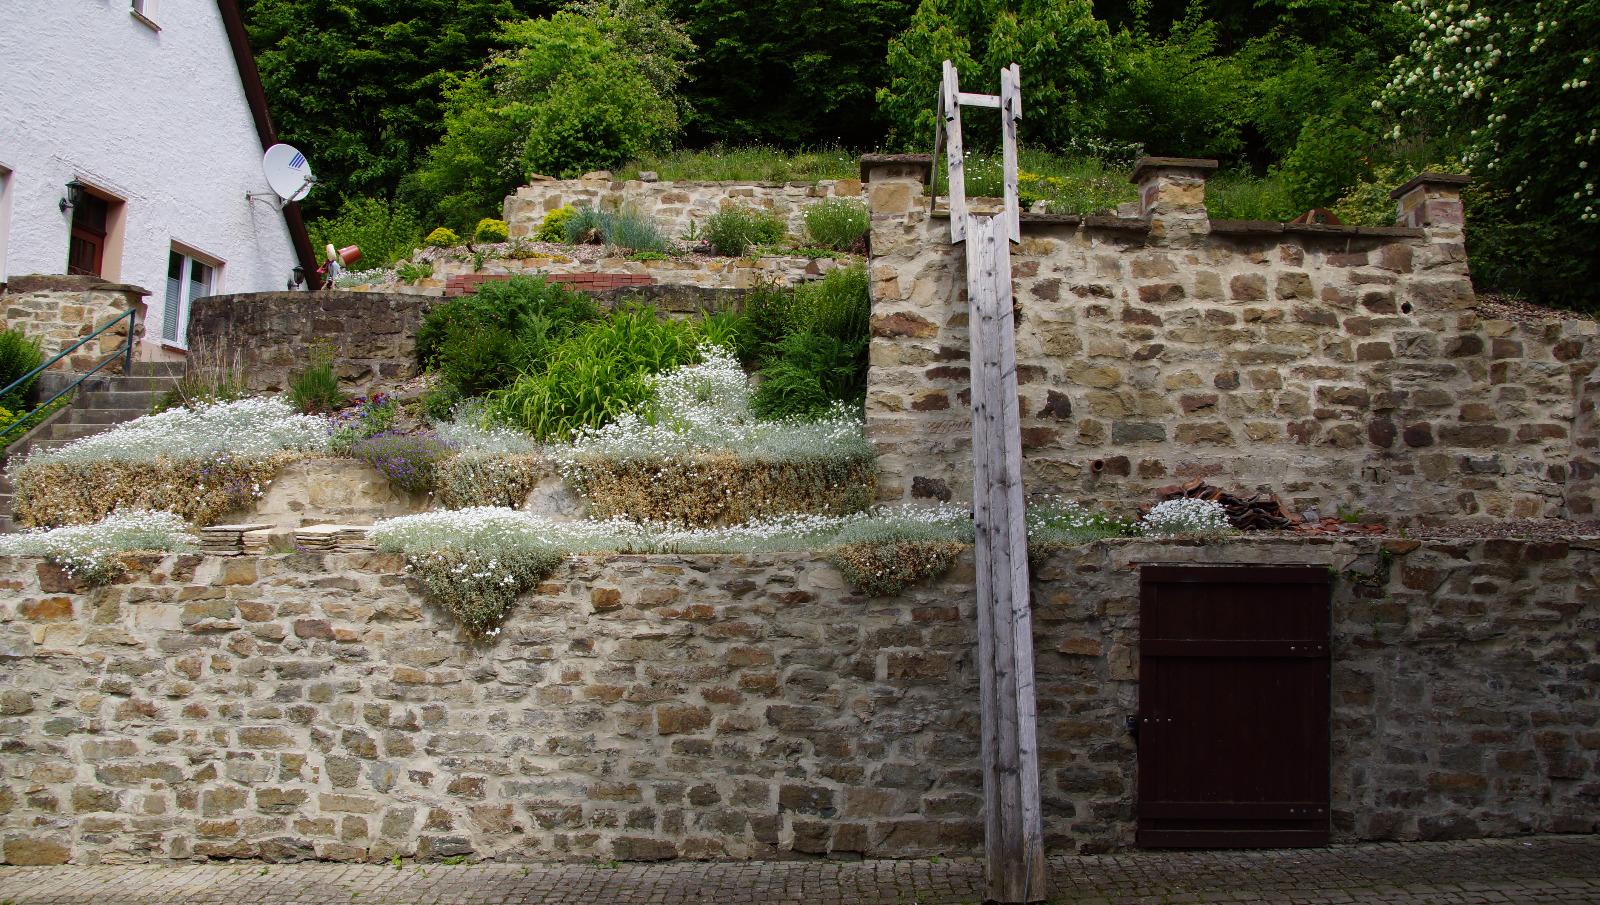 Kaskaden-Mauer